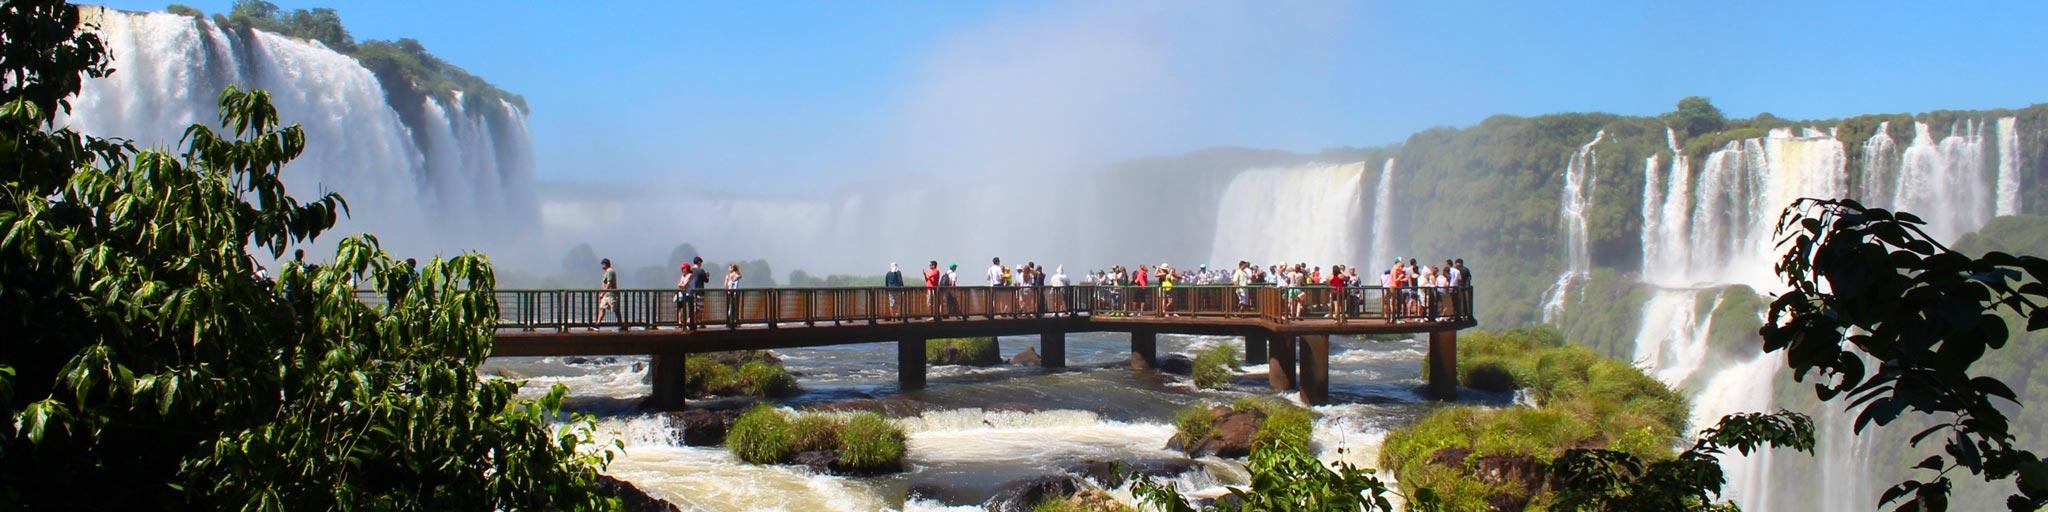 Cataratas de Foz do Iguaçu - Paraná